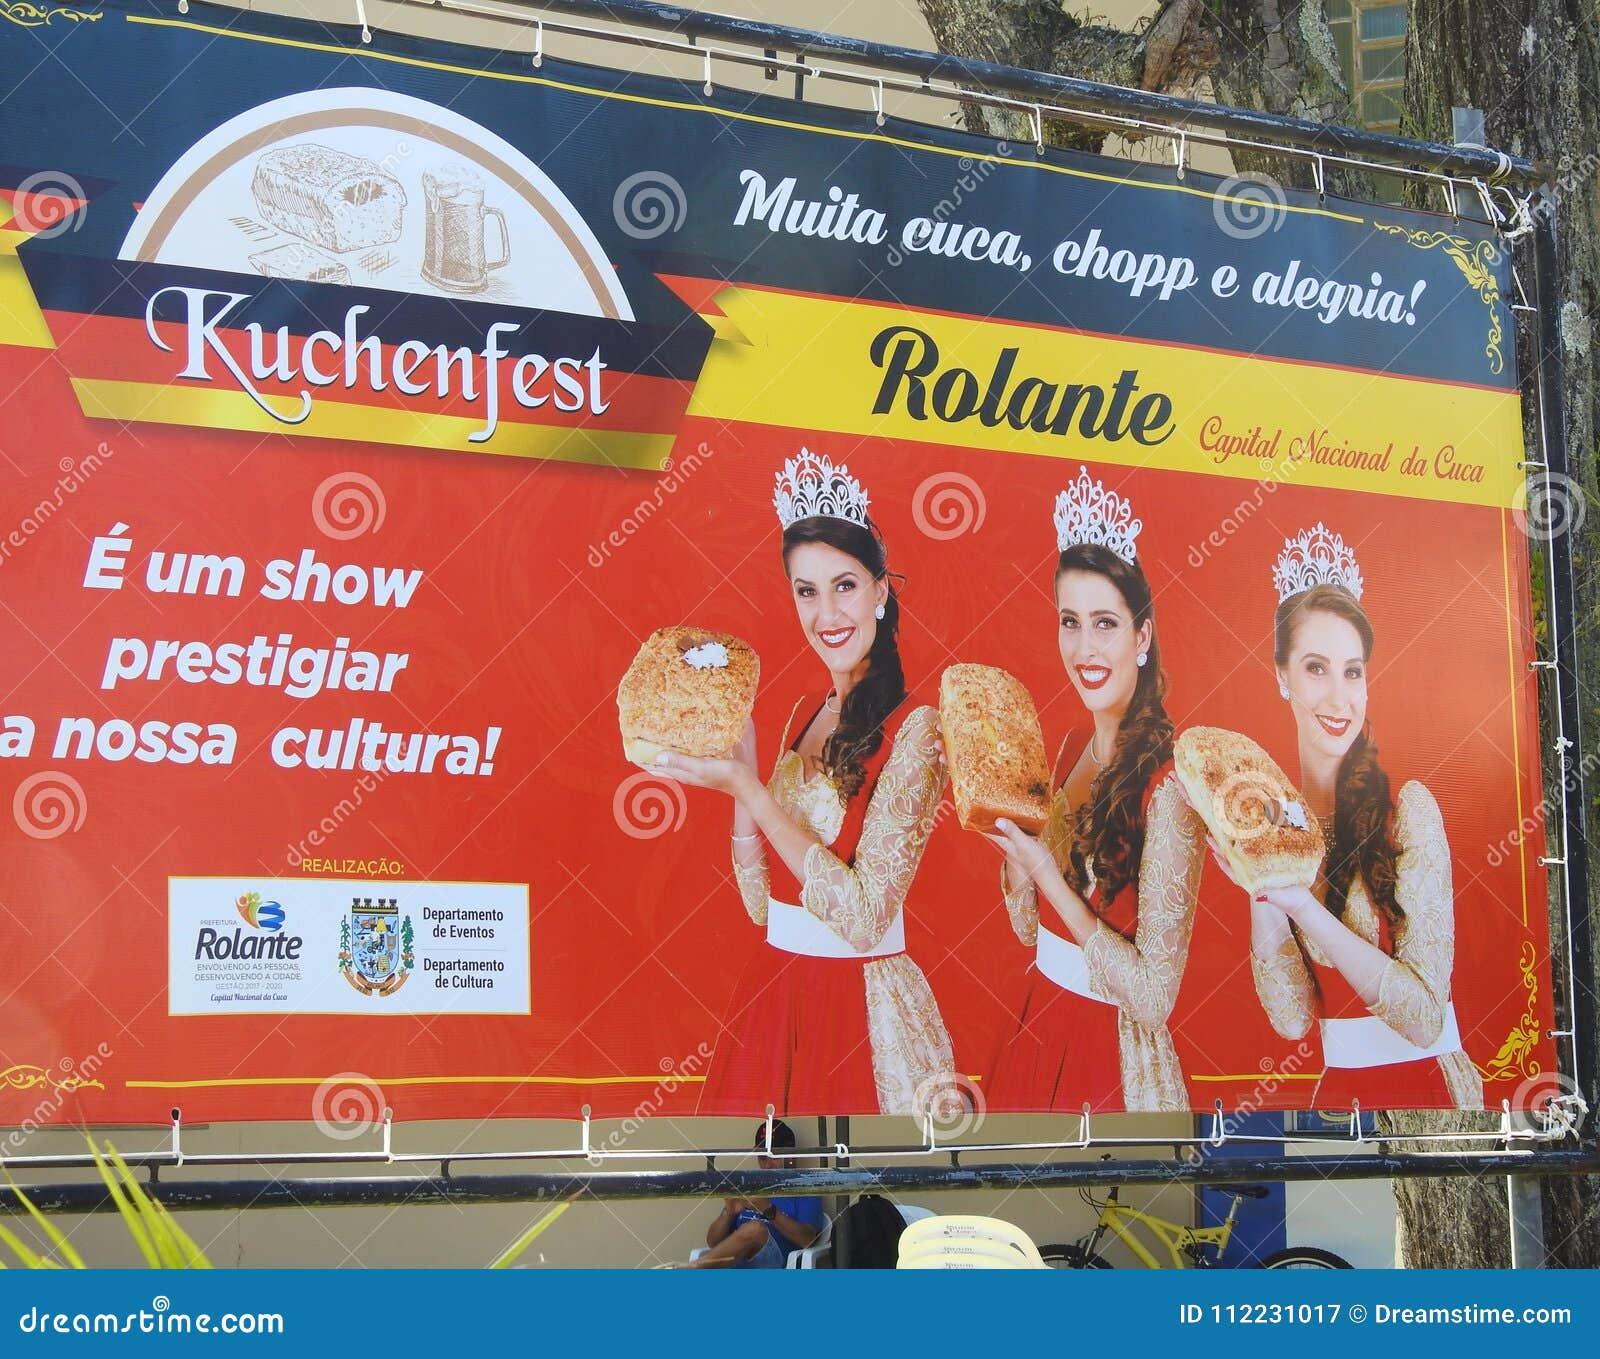 Kuchenfest 2018